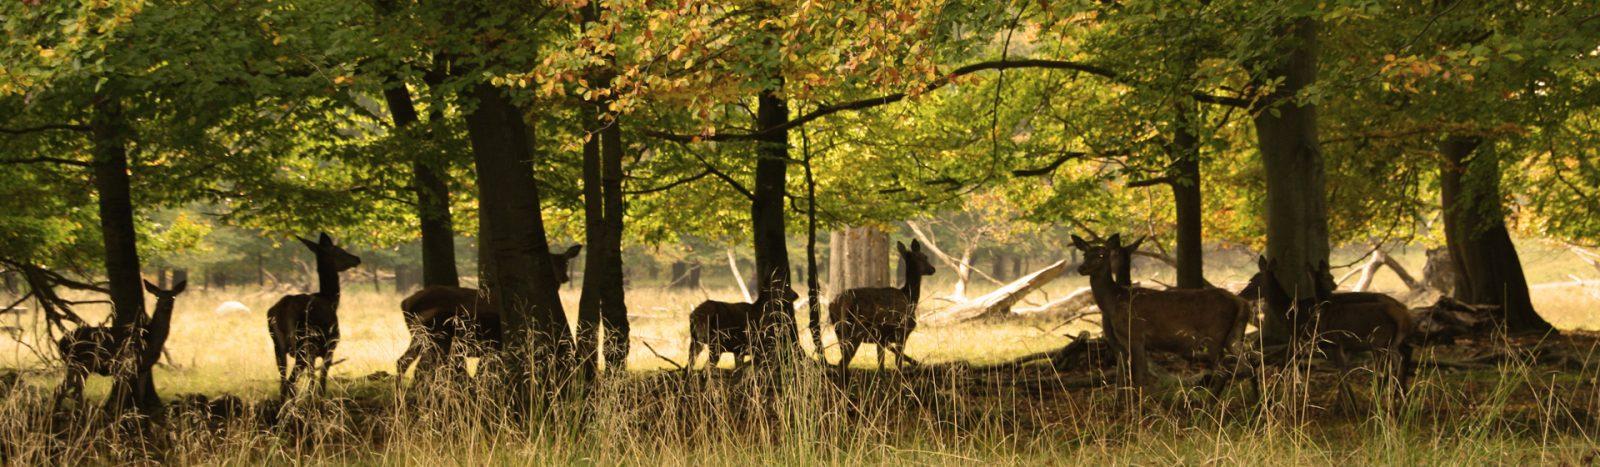 vildt i skoven